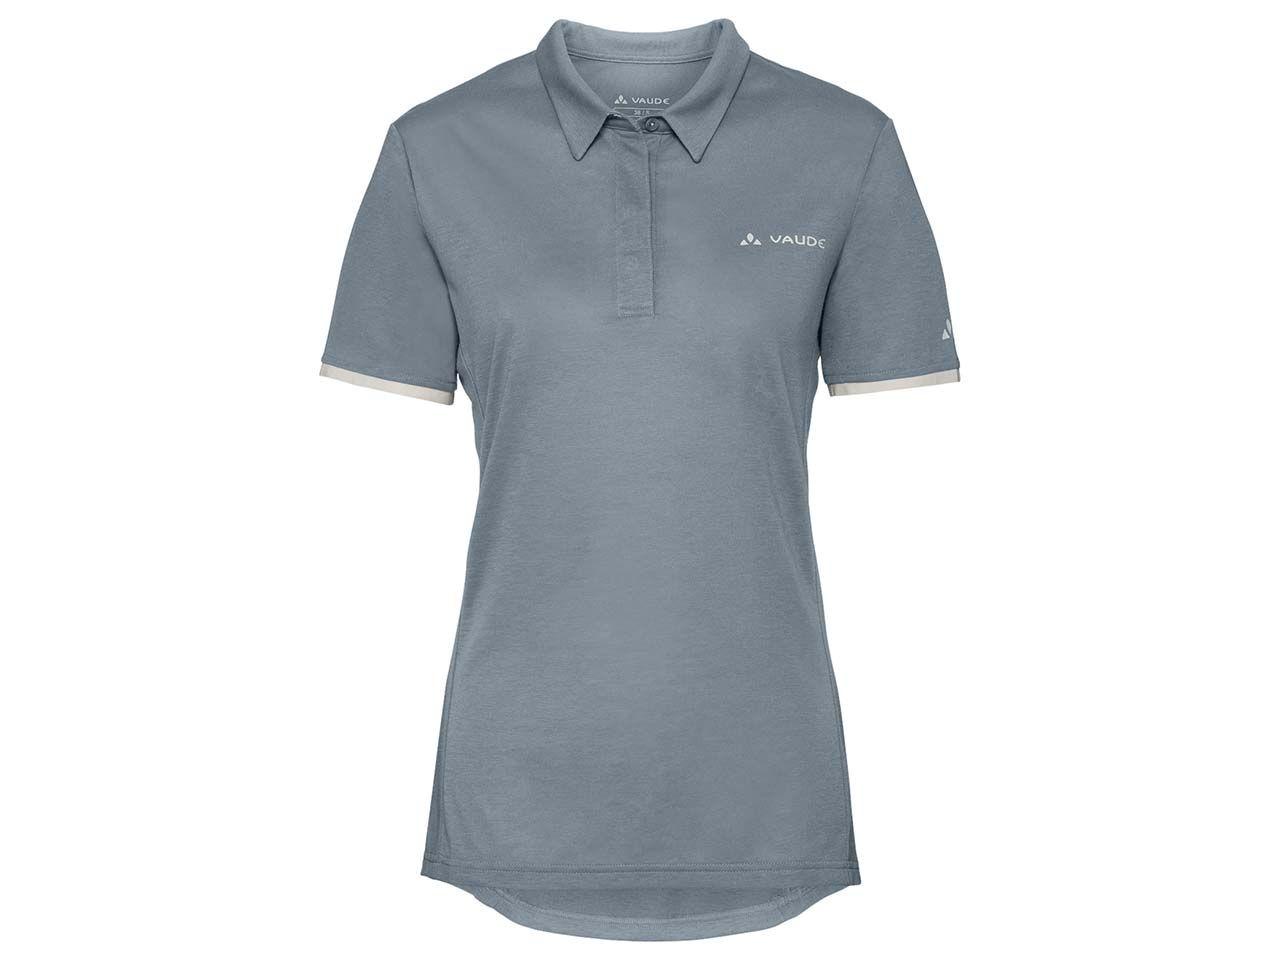 VAUDE Damen-T-Shirt